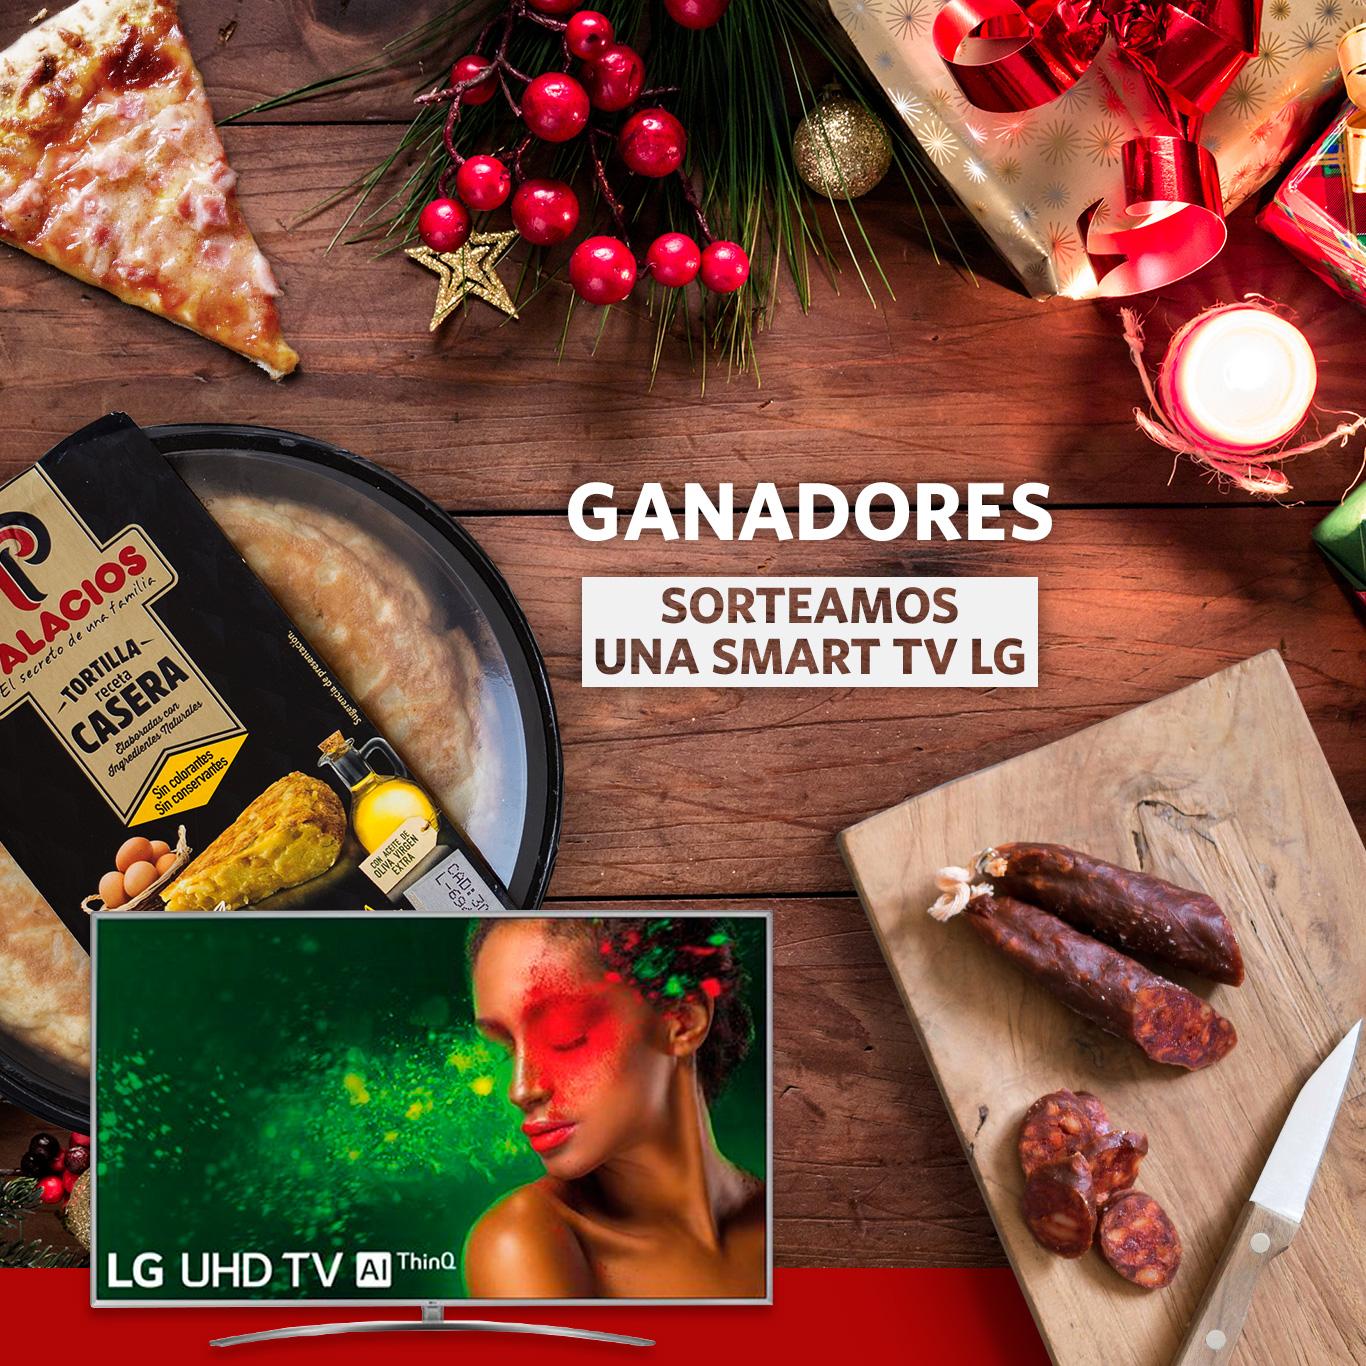 Ganadora de la televisión Smart TV LG!